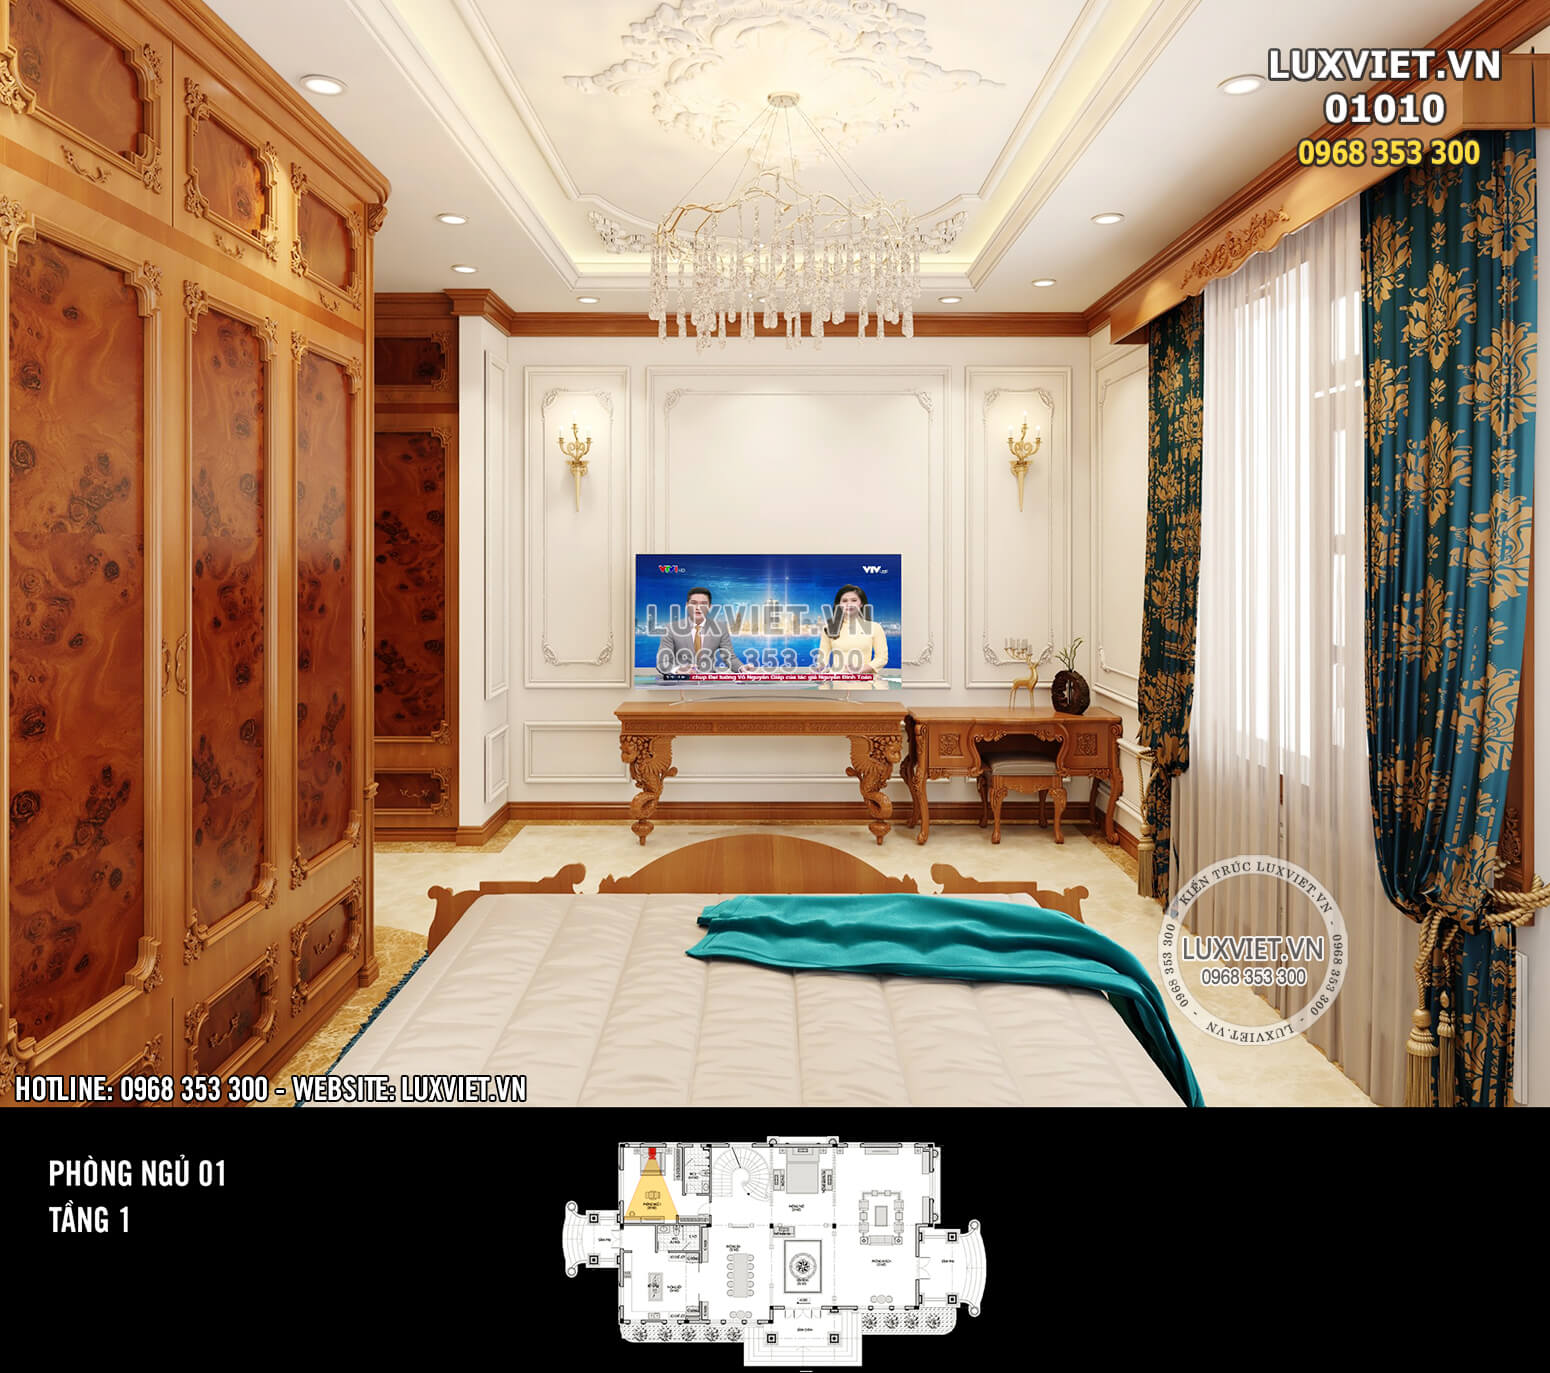 Hình ảnh: Nội thất gỗ tân cổ điển cho phòng ngủ 1 - LV 01010